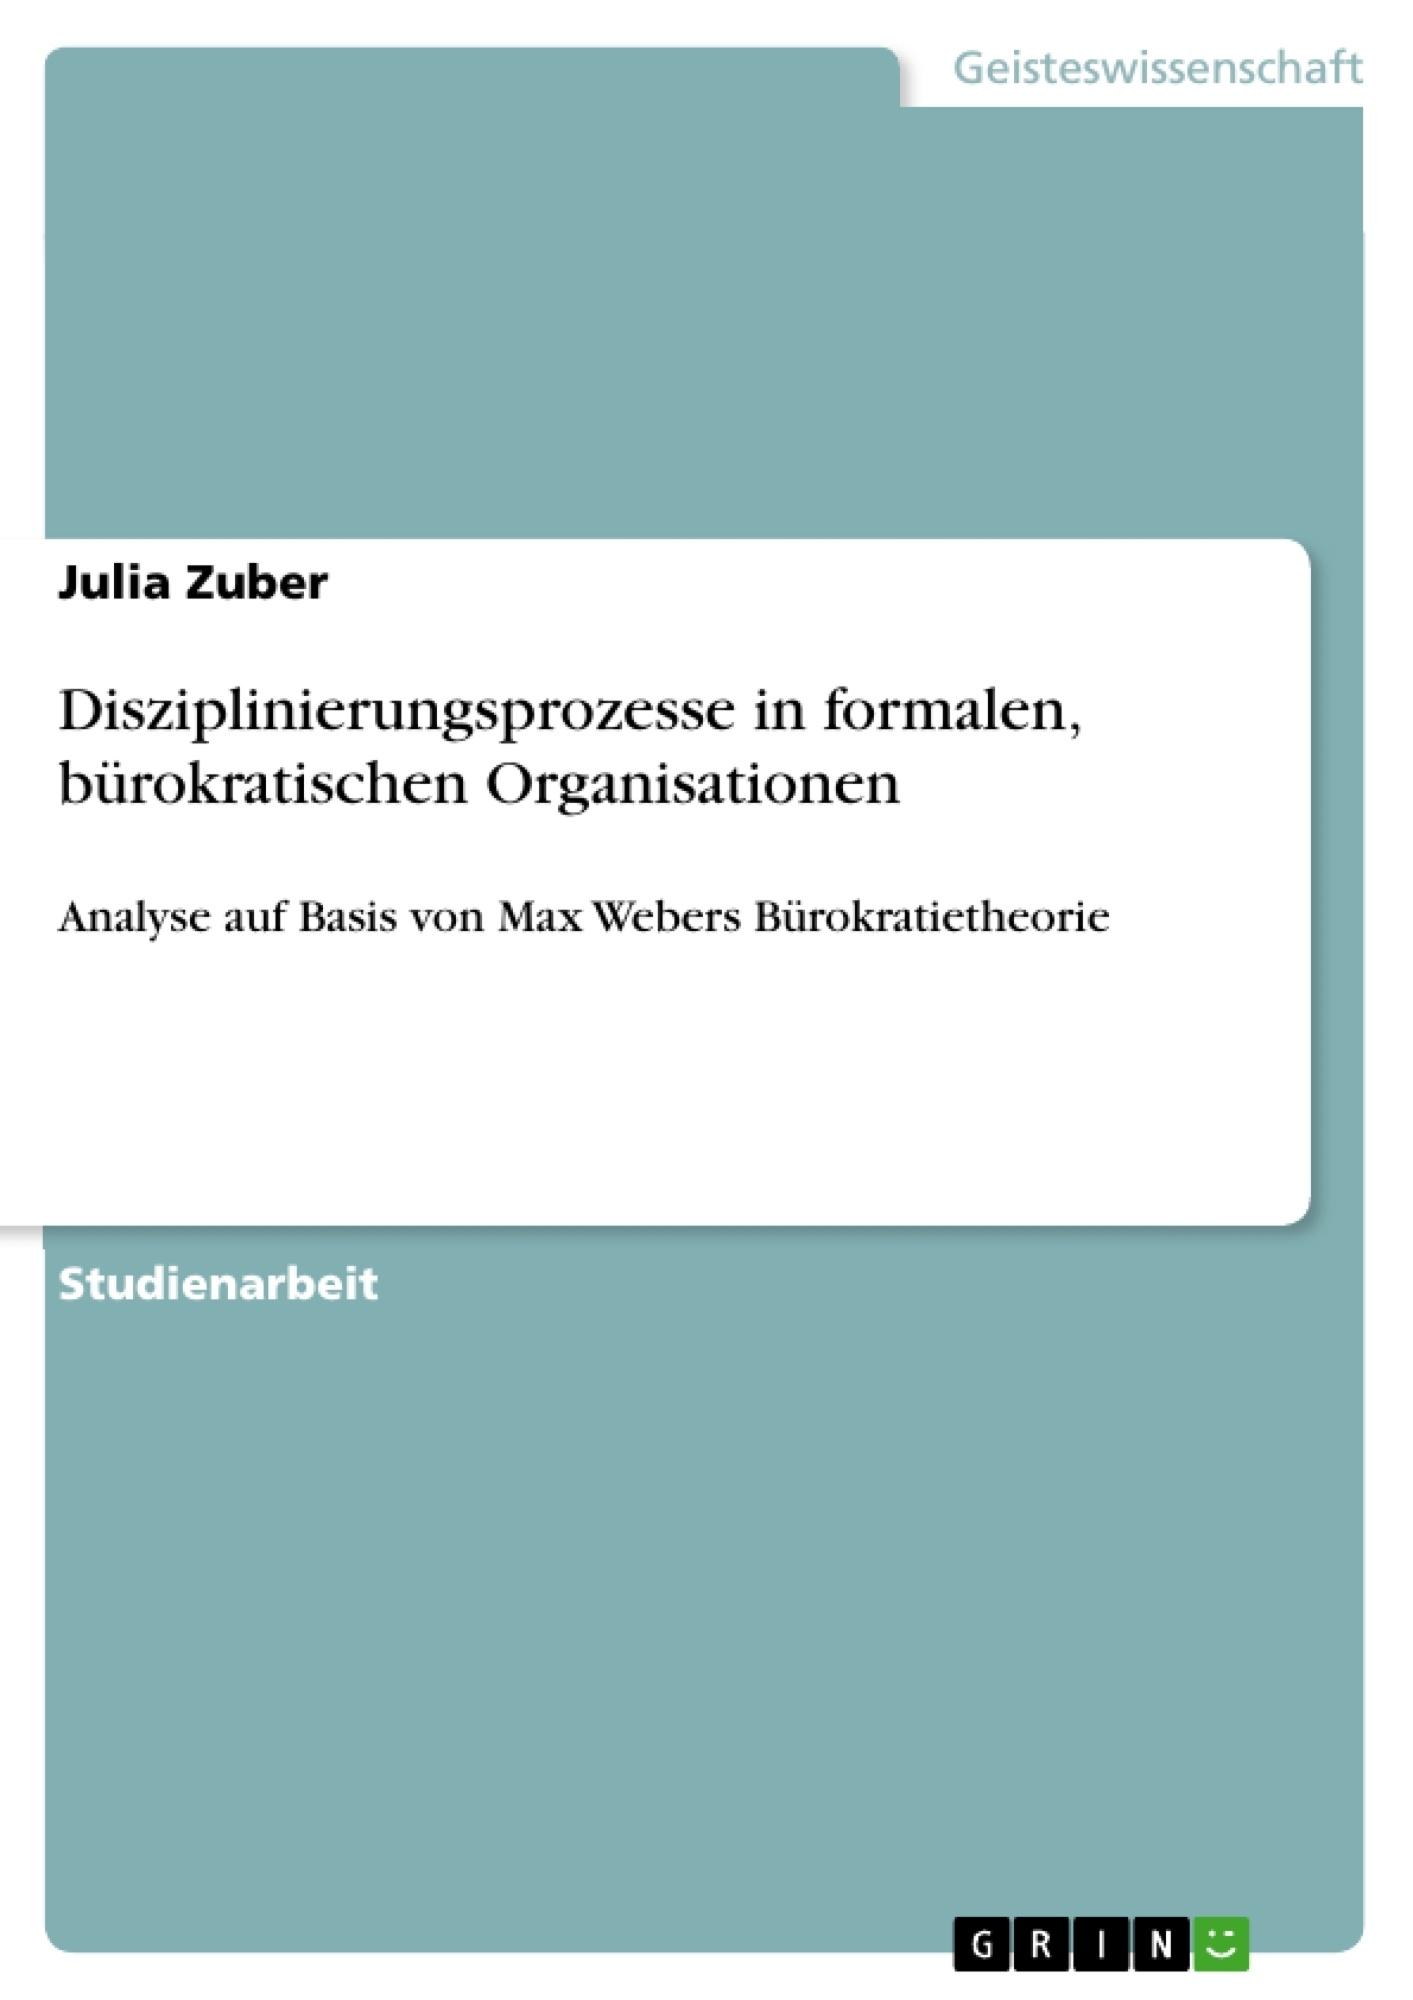 Titel: Disziplinierungsprozesse in formalen, bürokratischen Organisationen